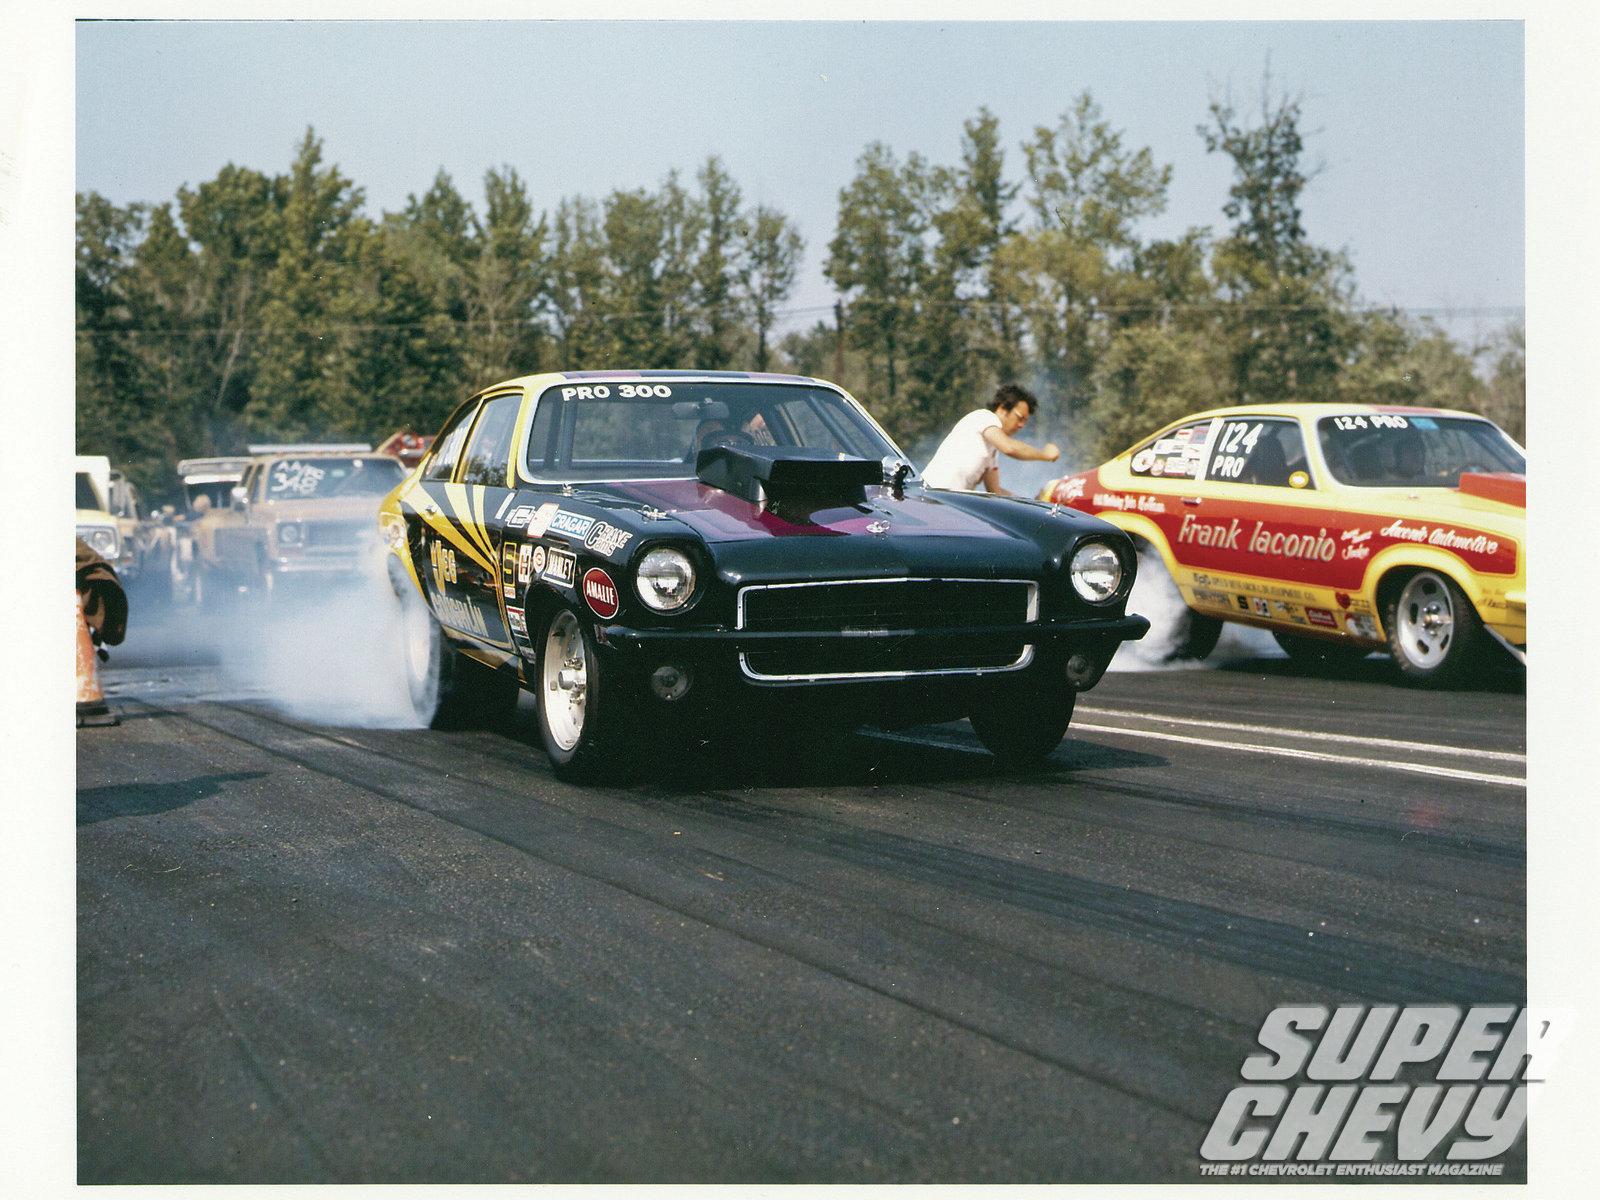 Chevy Drag Car Wallpaper - WallpaperSafari